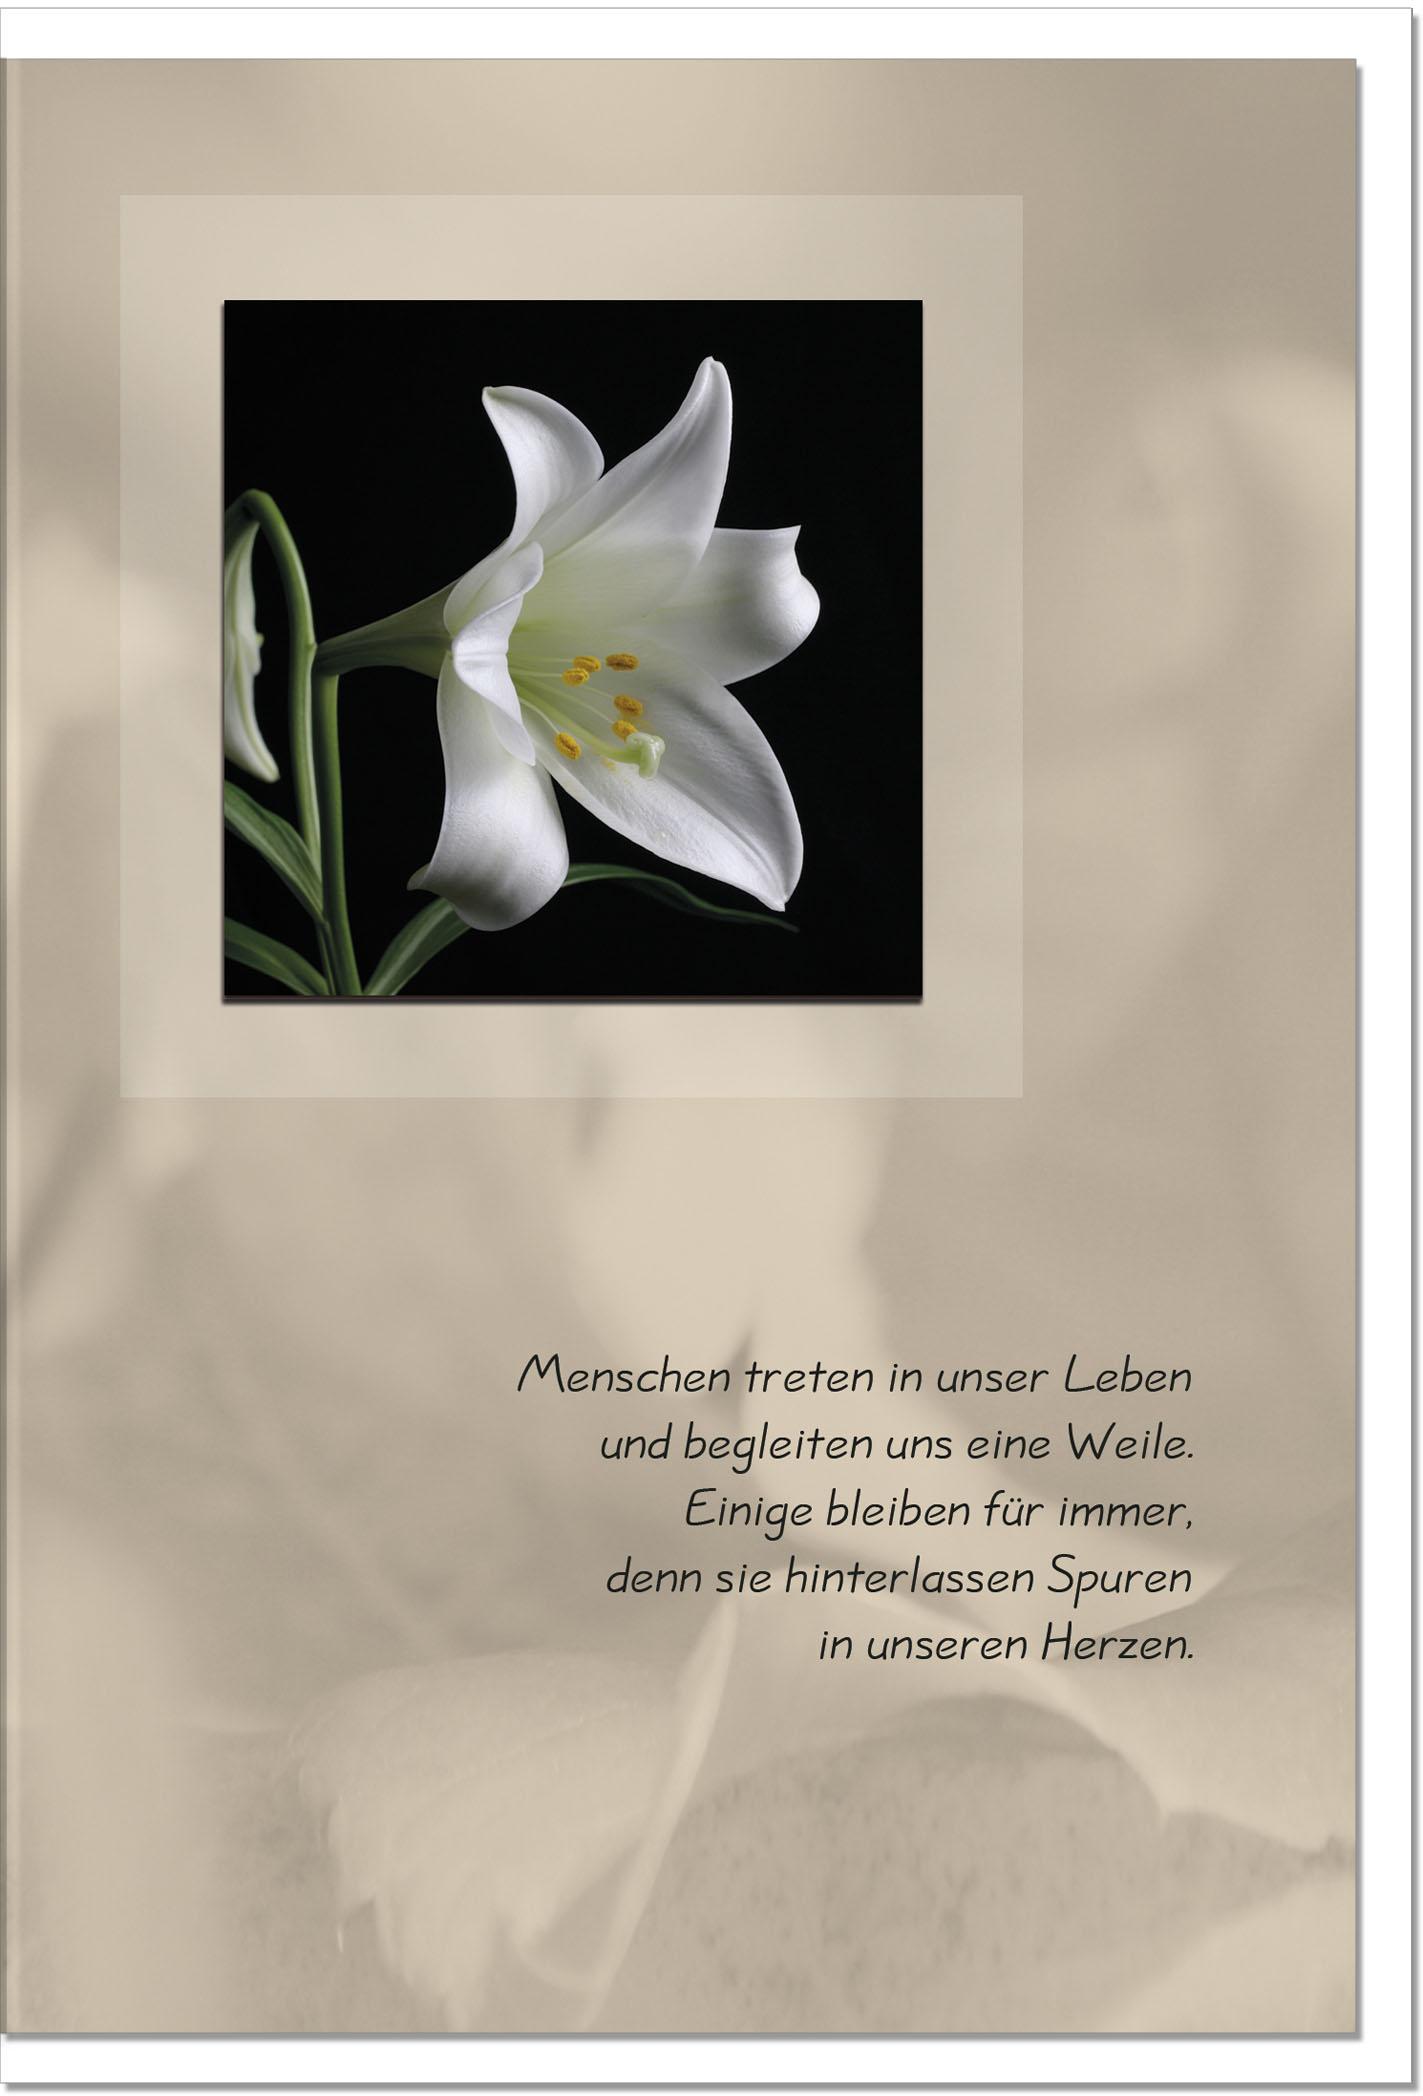 Trauerkarte SPUREN EINES LEBENS | Weiße Lilie | metALUm #00022